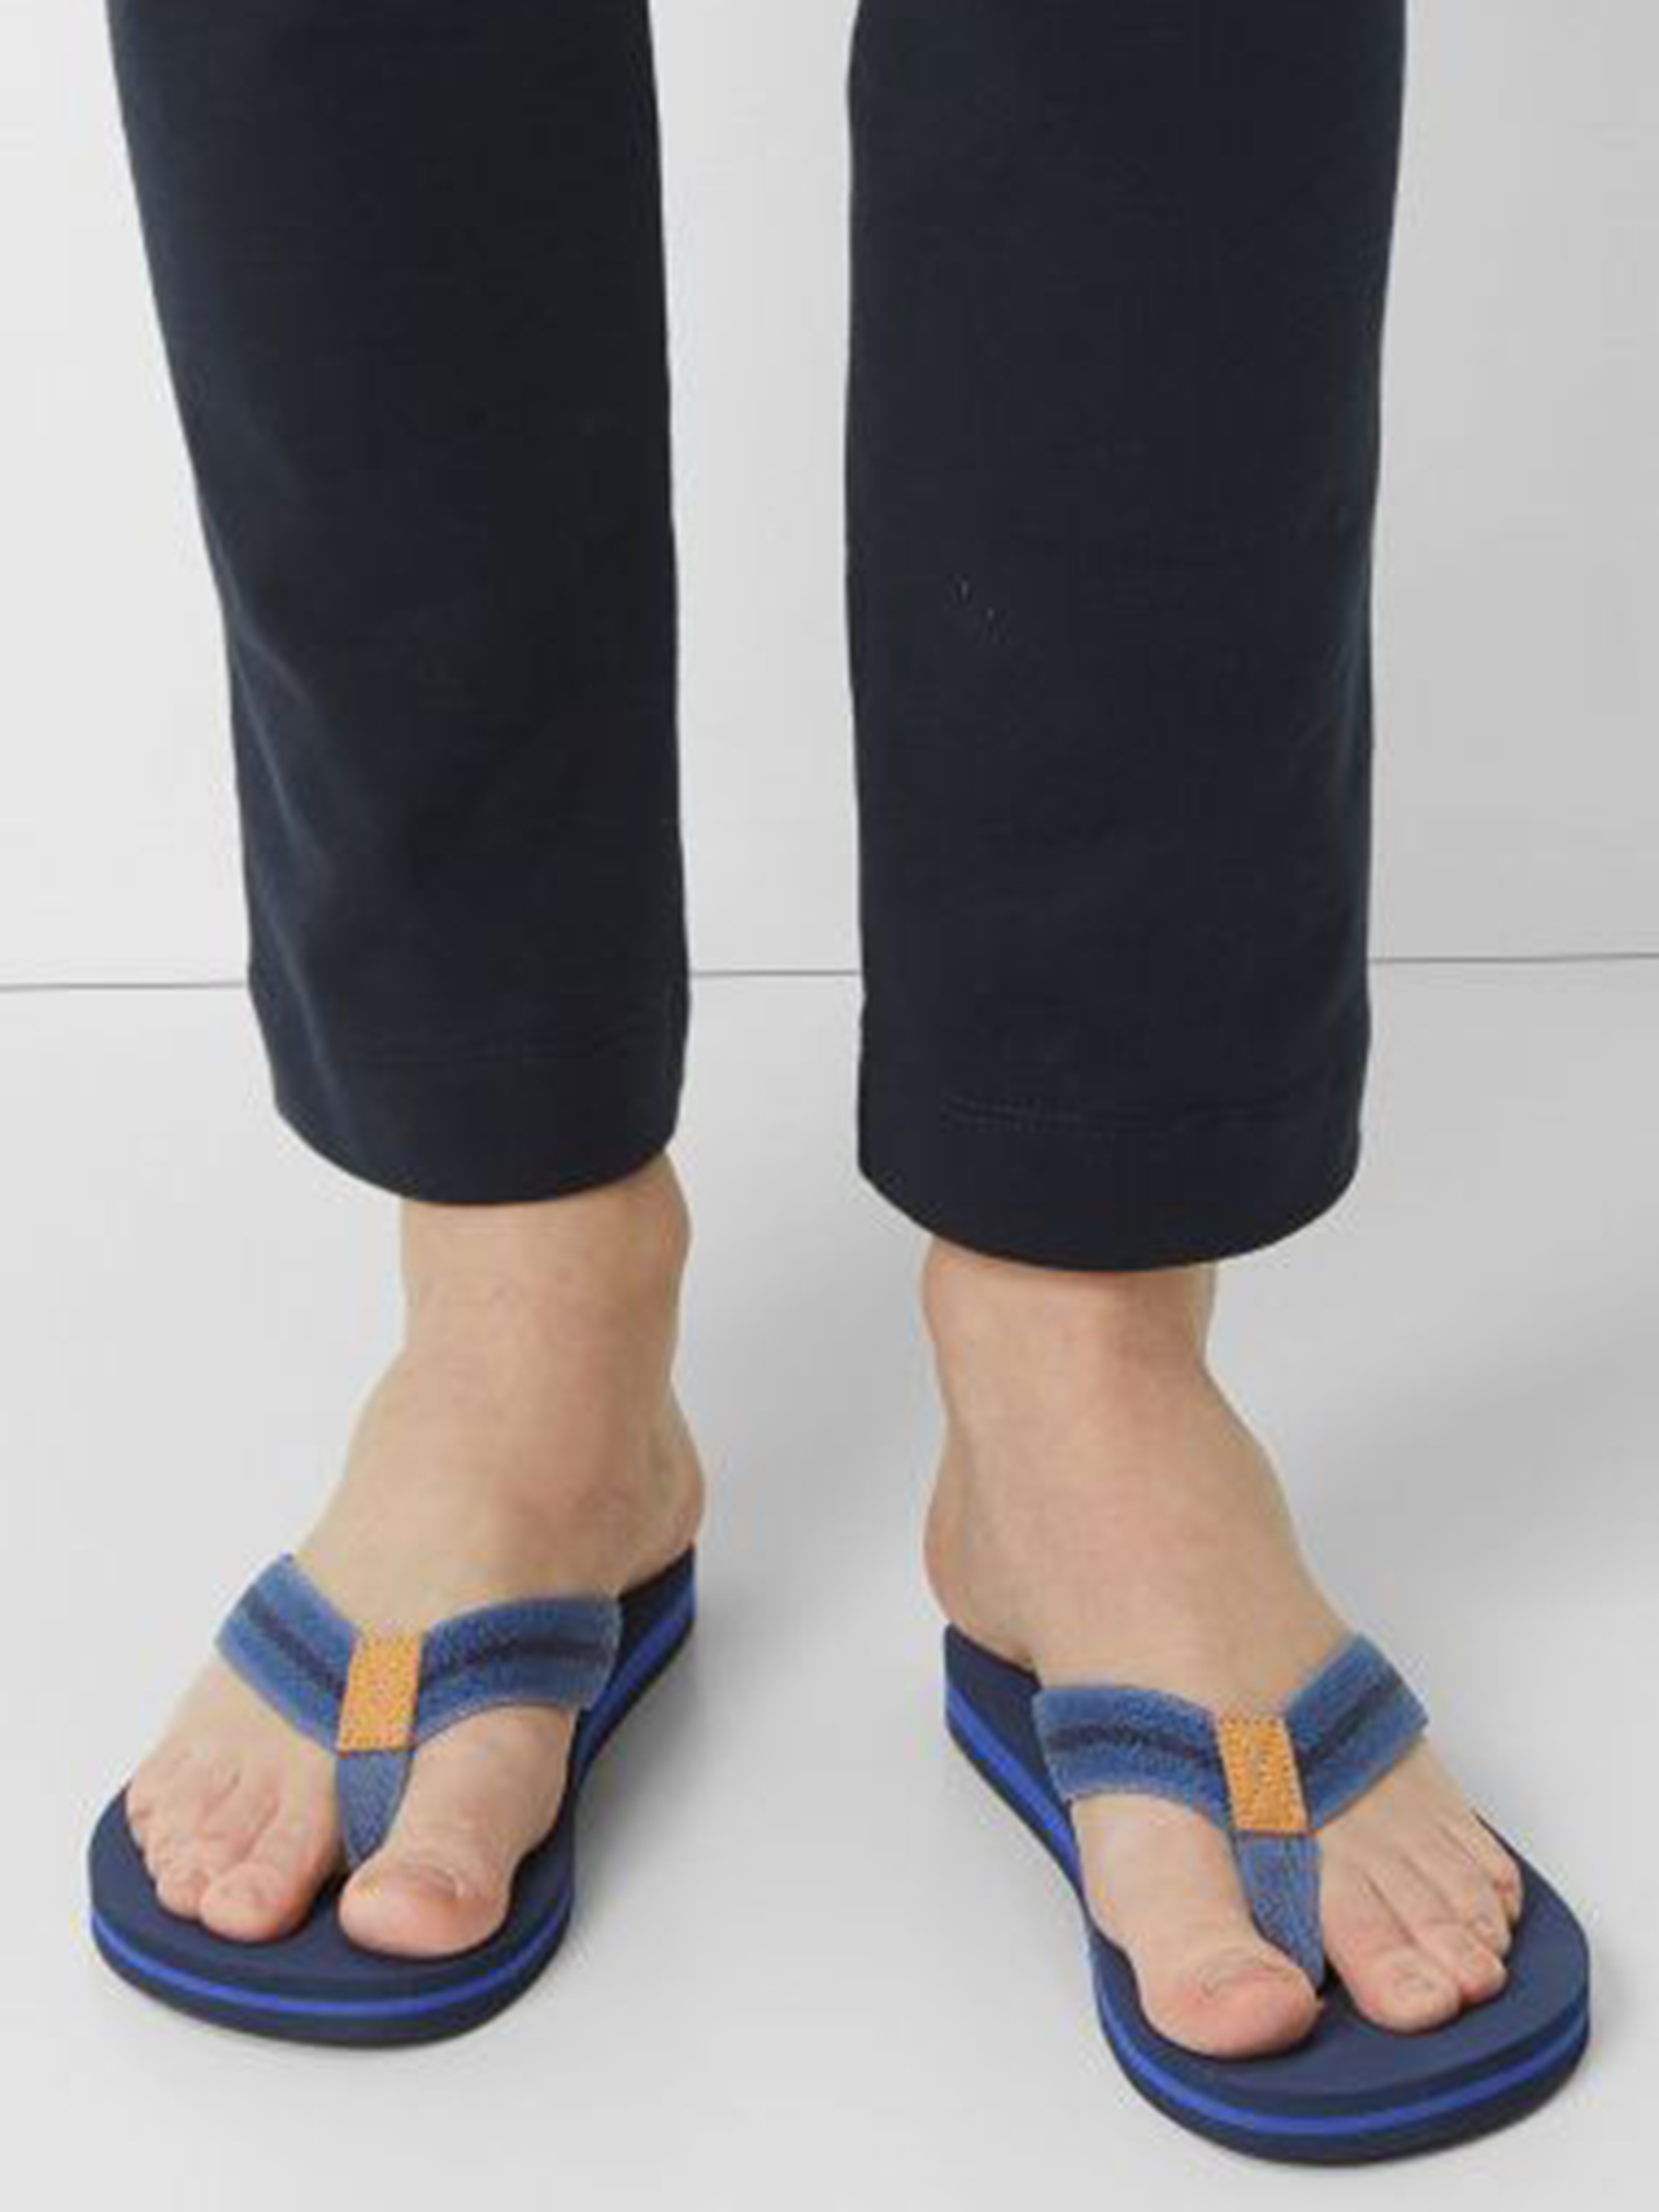 Вьетнамки женские MARC O'POLO PY987 модная обувь, 2017